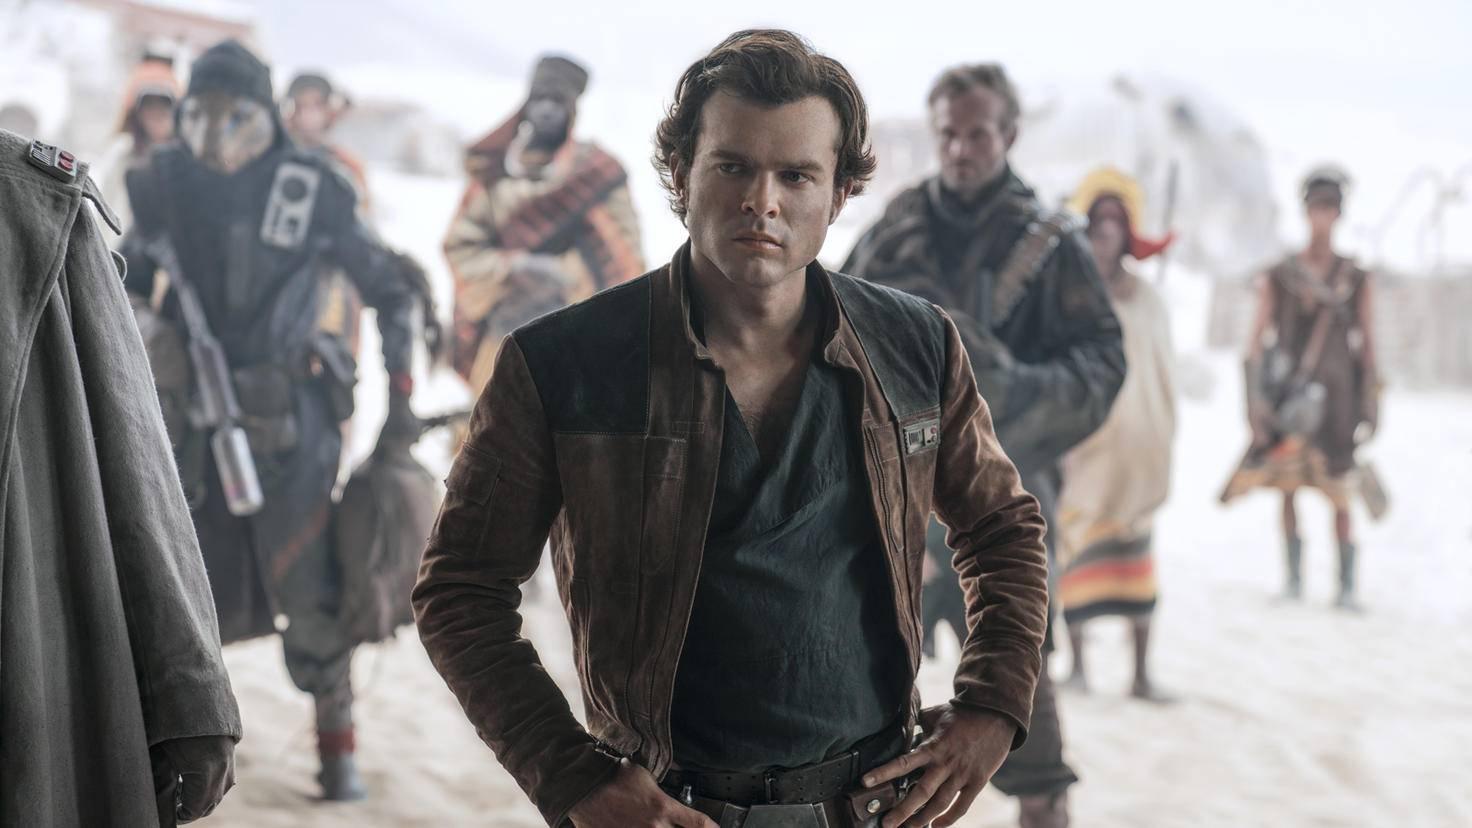 Musste zu Beginn ziemlich viel Kritik einstecken: Alden Ehrenreich spielt den jungen Han Solo.